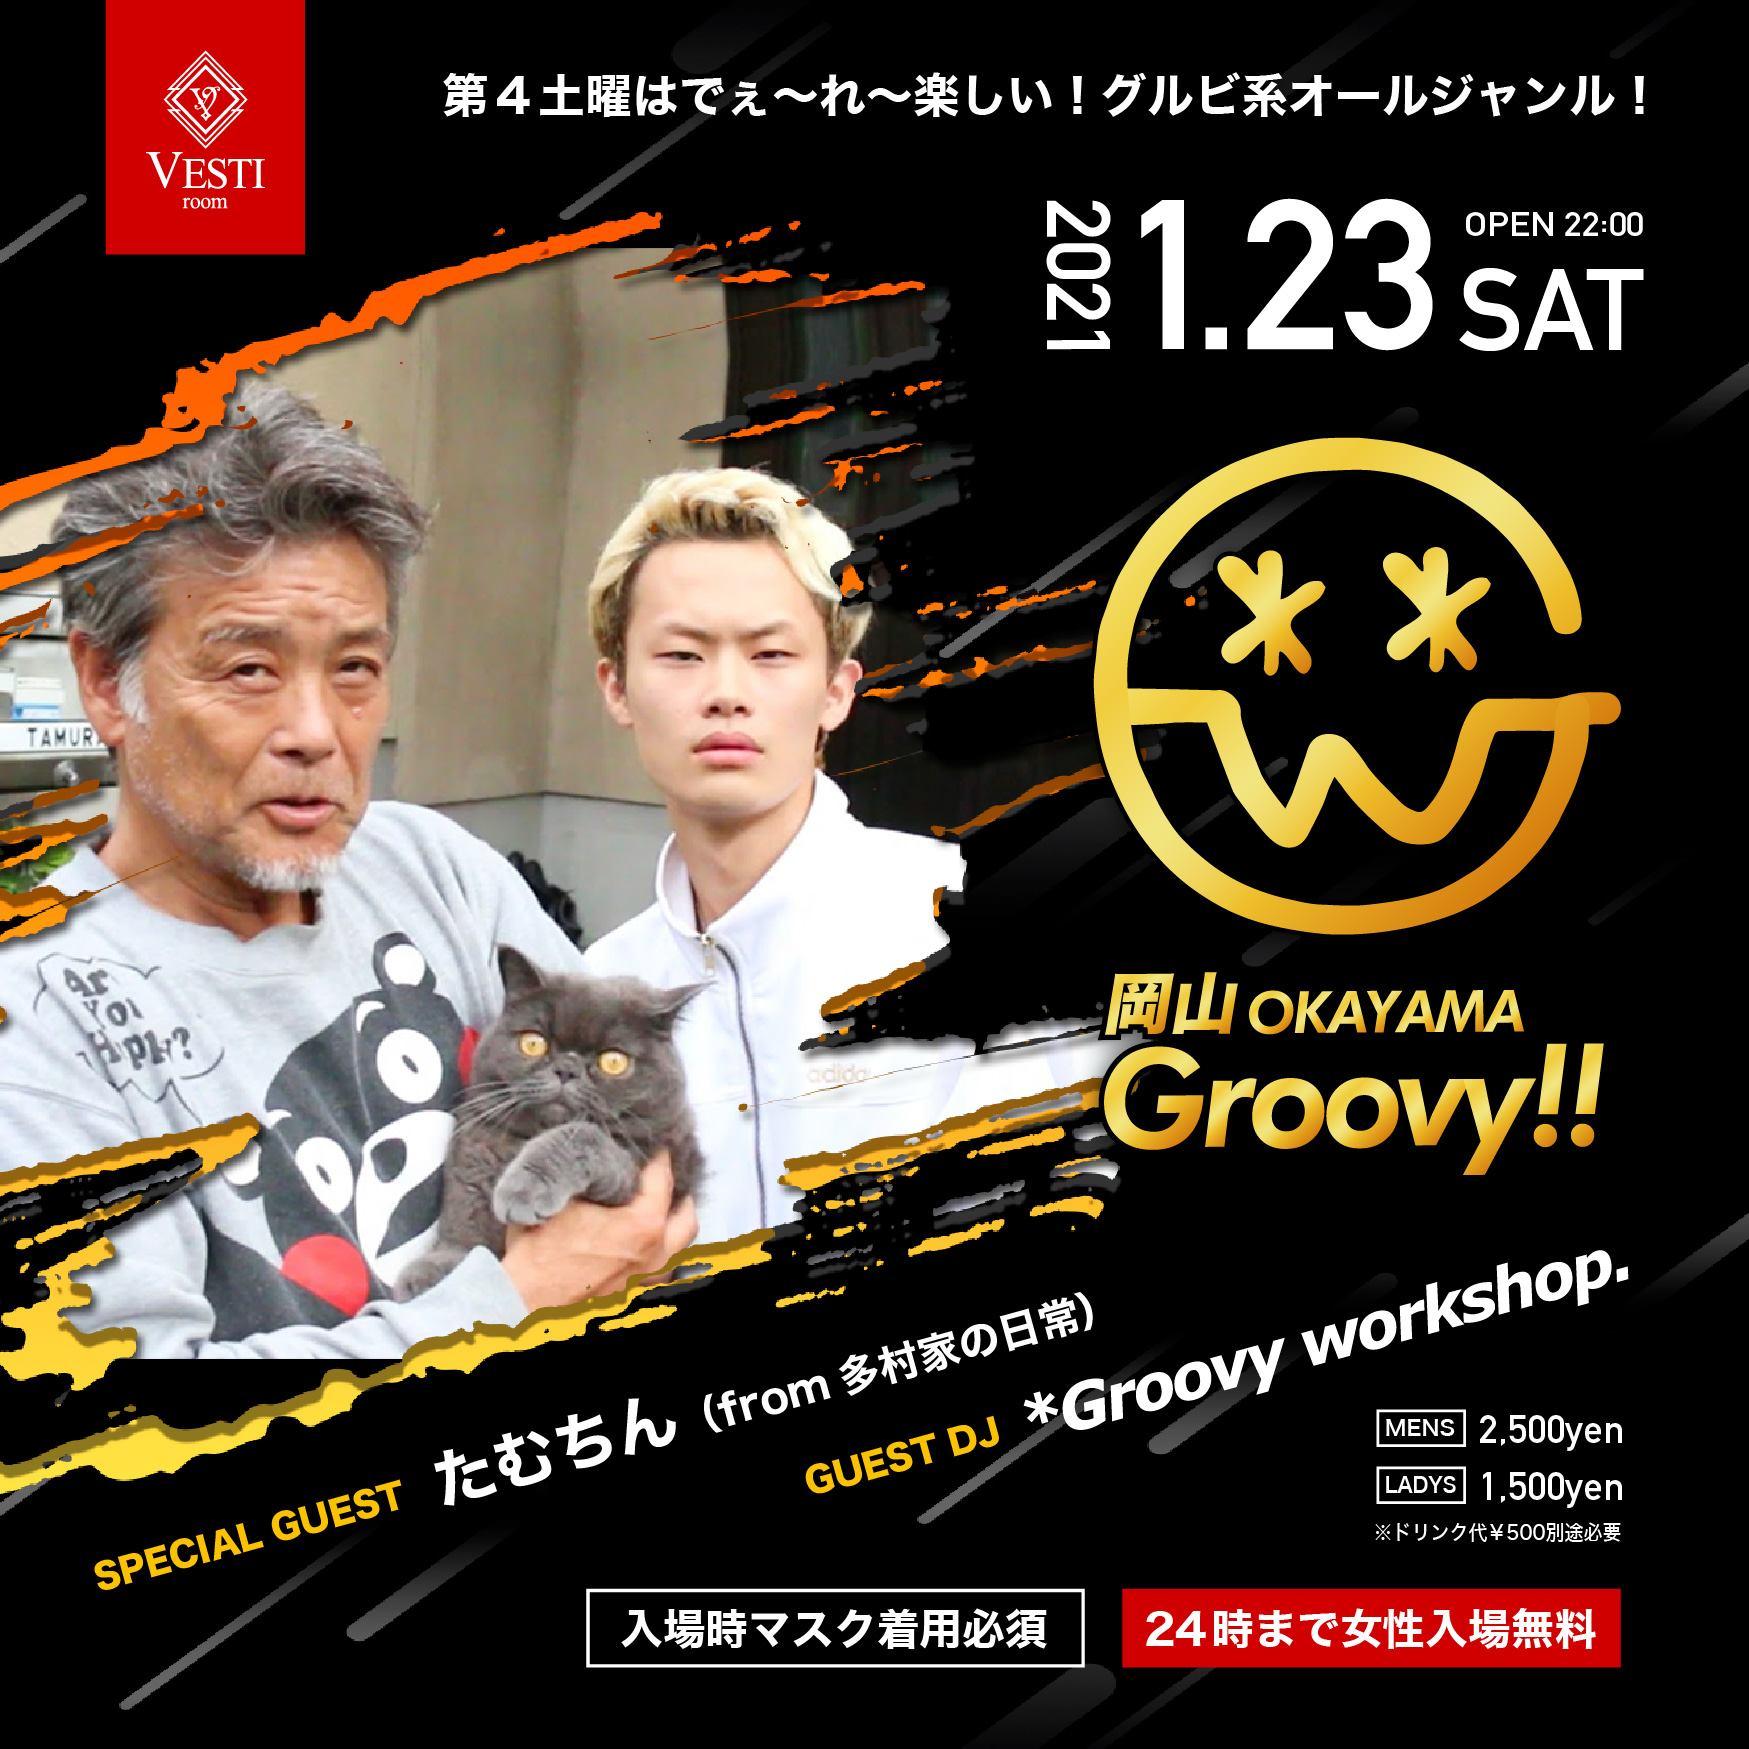 [ 出演延期 通常営業は致しています ] 岡山Groovy!! ~Guest : DJ *Groovy workshop.~